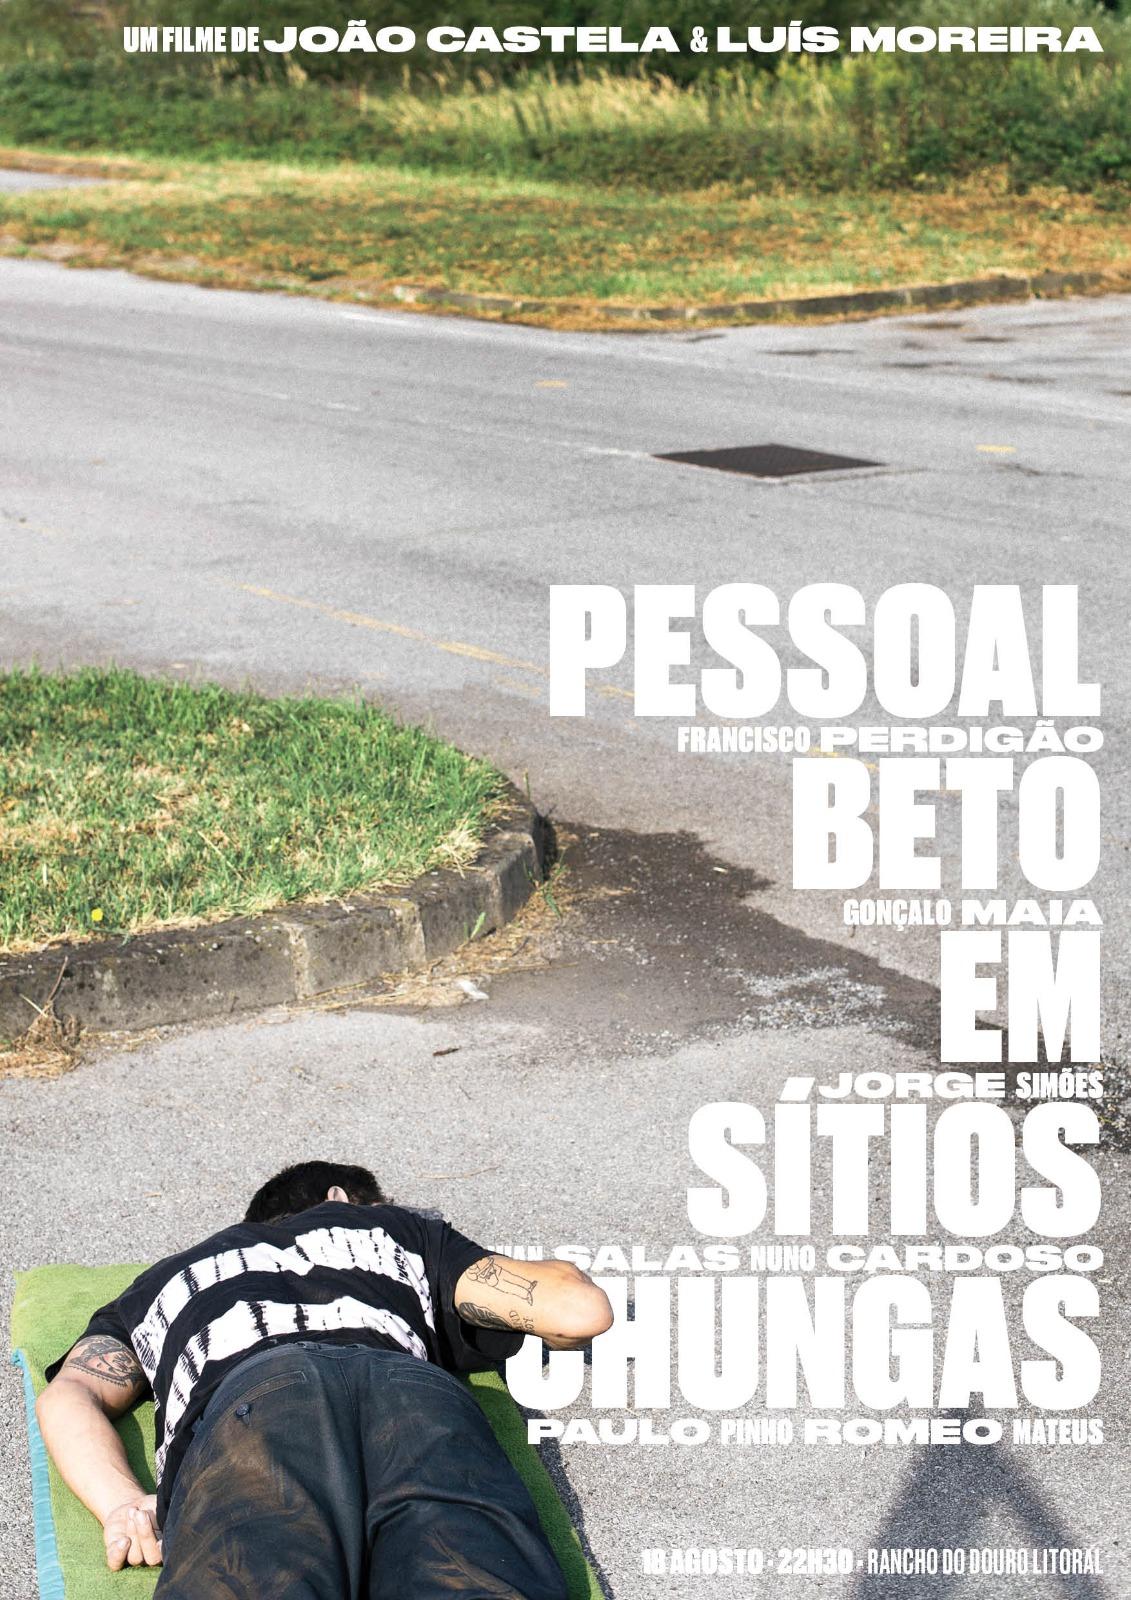 Gajos Betos Em Sítios Chungas – Estreia Dia 18- 22H Porto